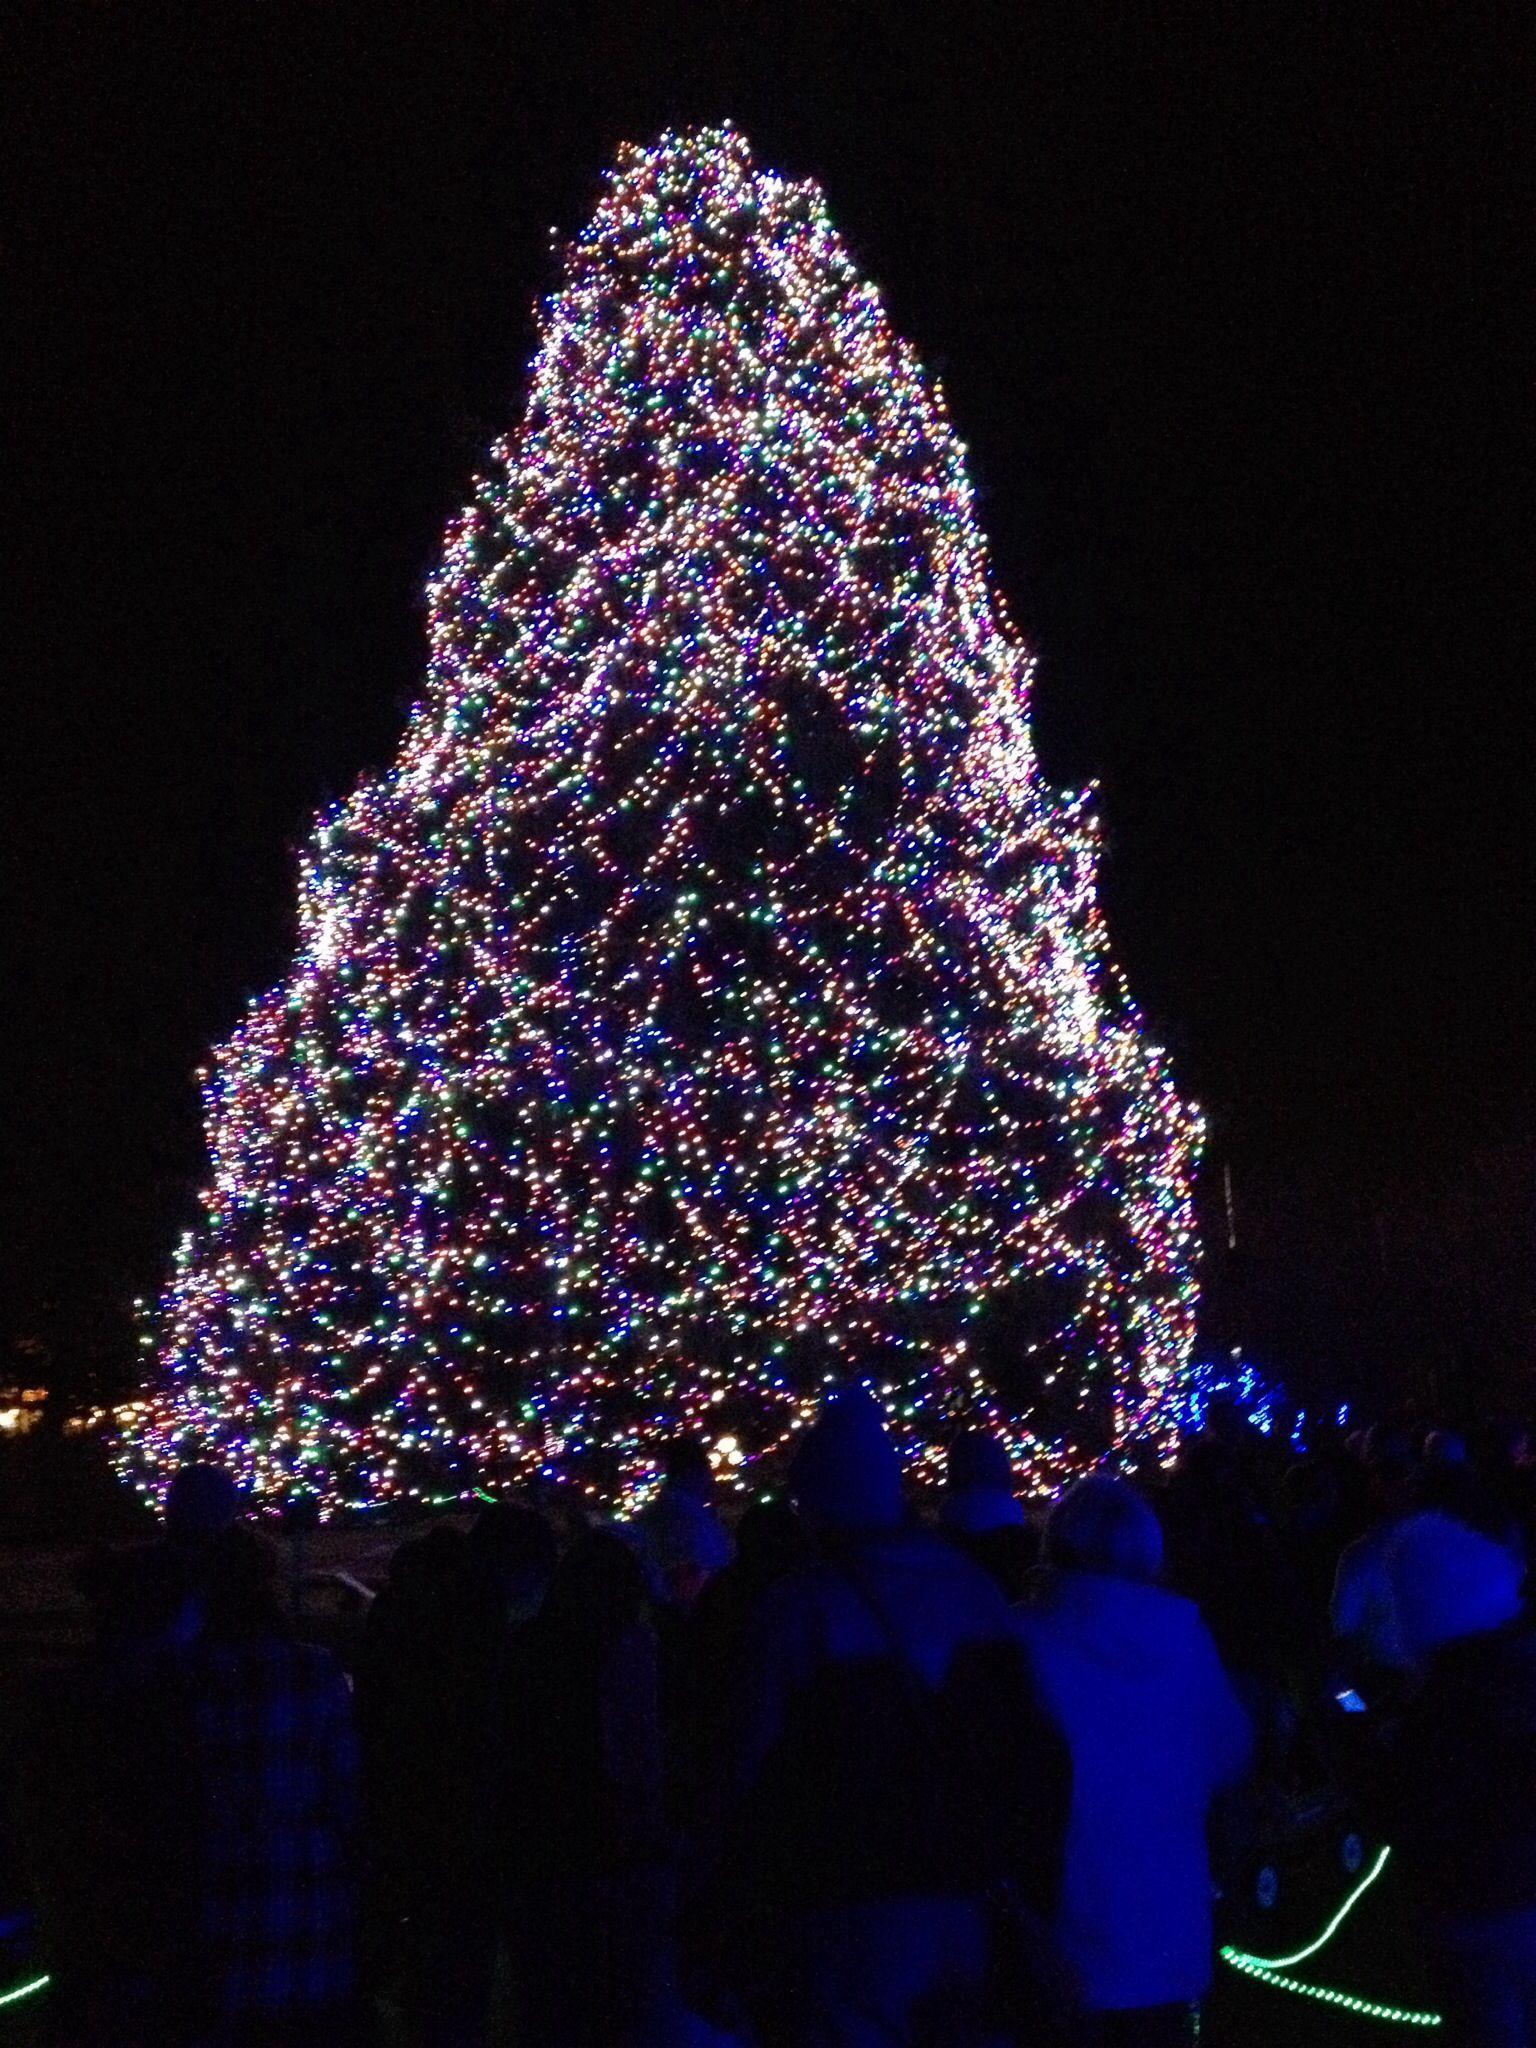 the lights before christmas toledo zoo toledo oh - Toledo Zoo Lights Before Christmas